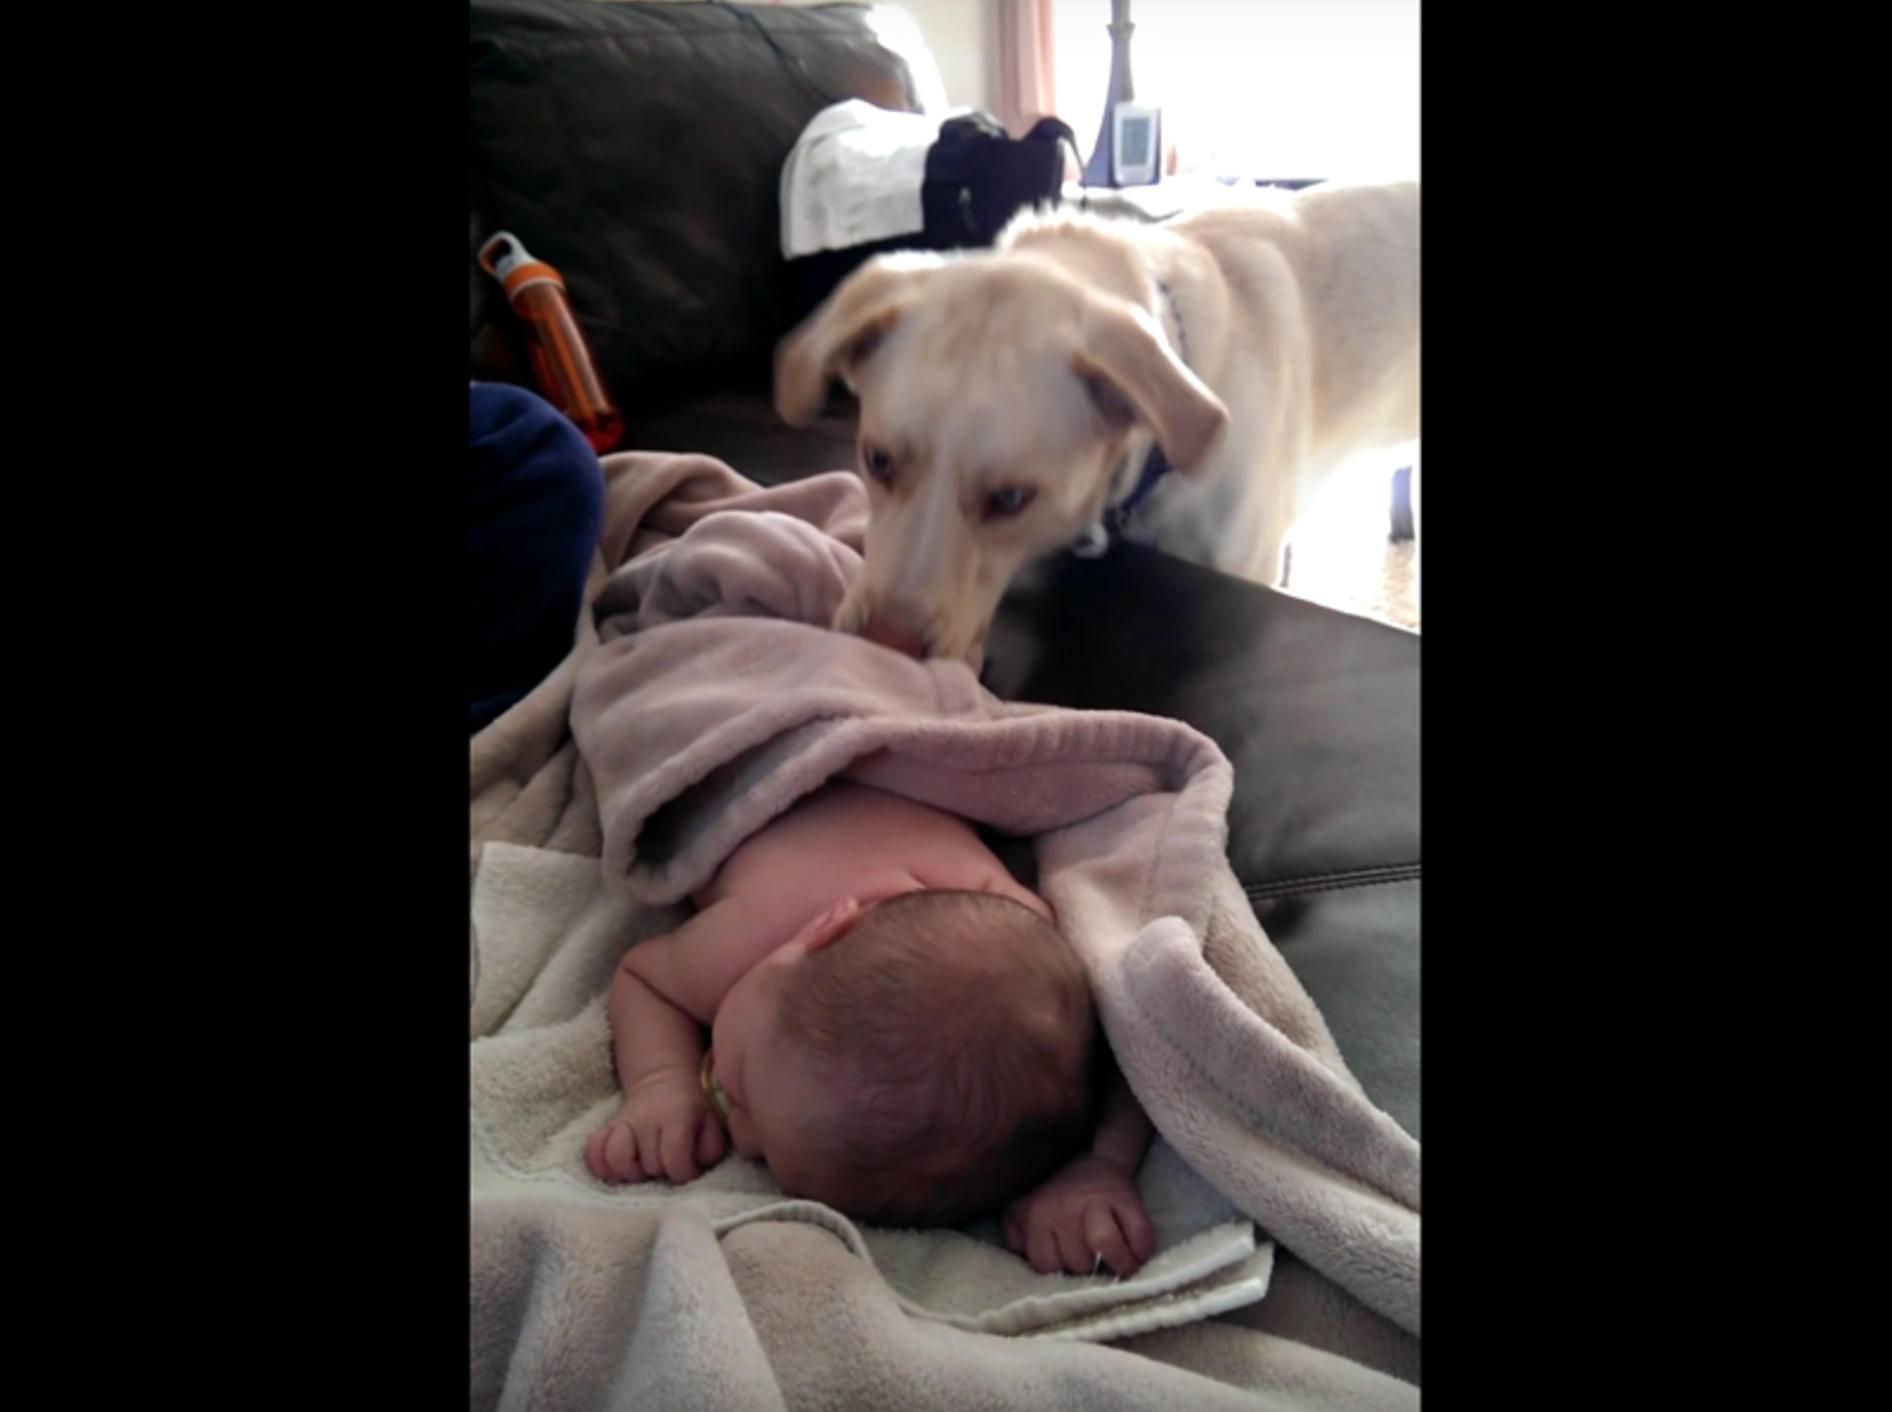 Lieber Hund deckt Baby zu – YouTube / baywatch106ify